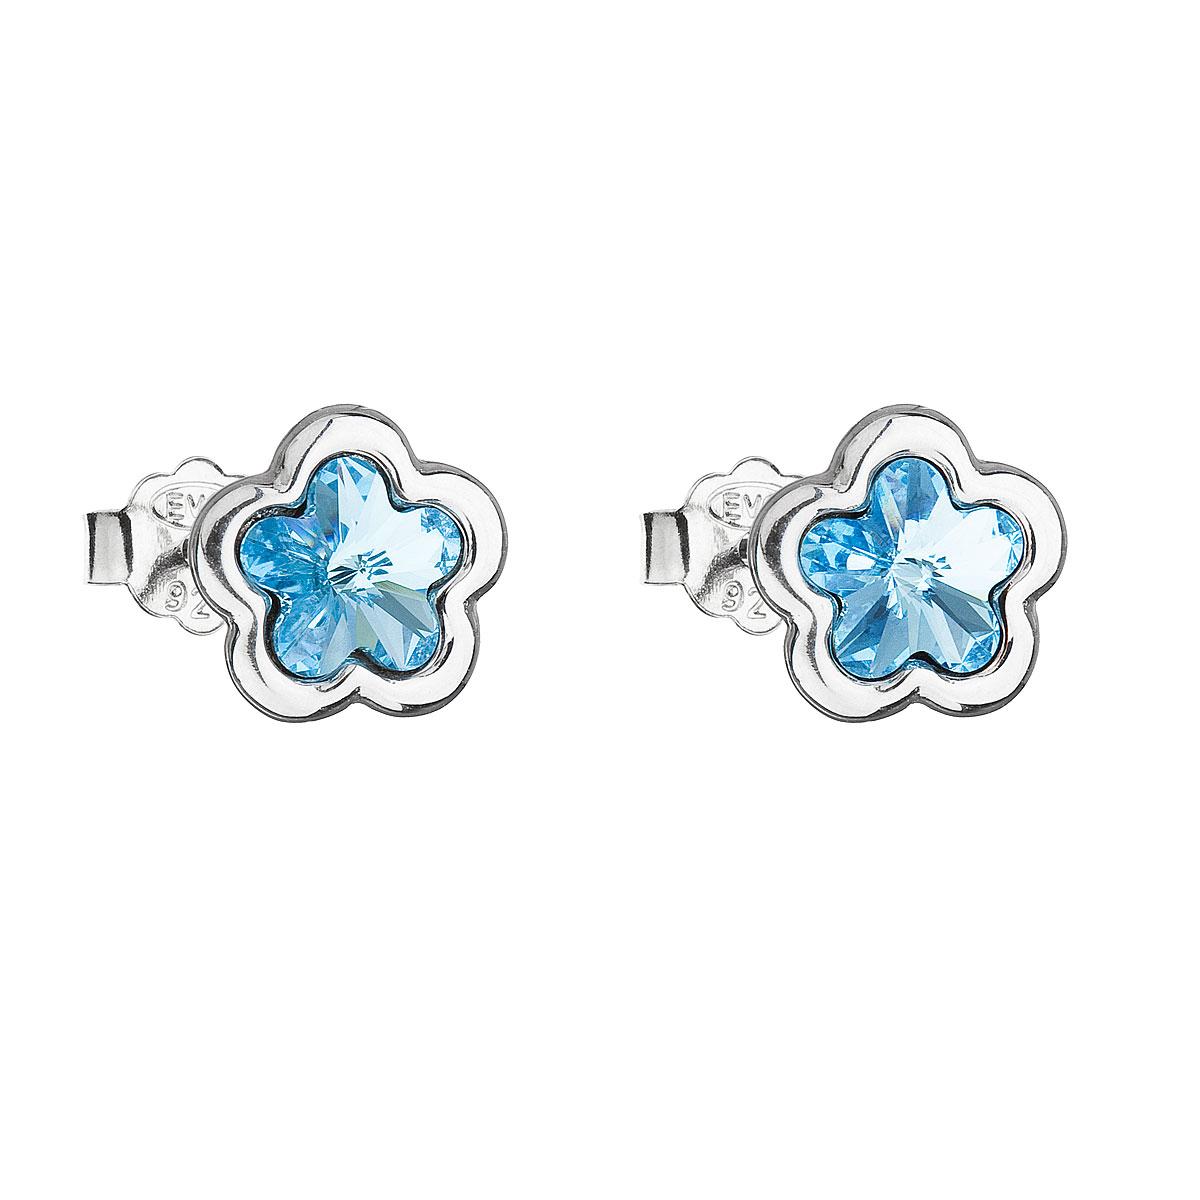 Stříbrné náušnice pecka s krystaly Swarovski modrá kytička 31255.3